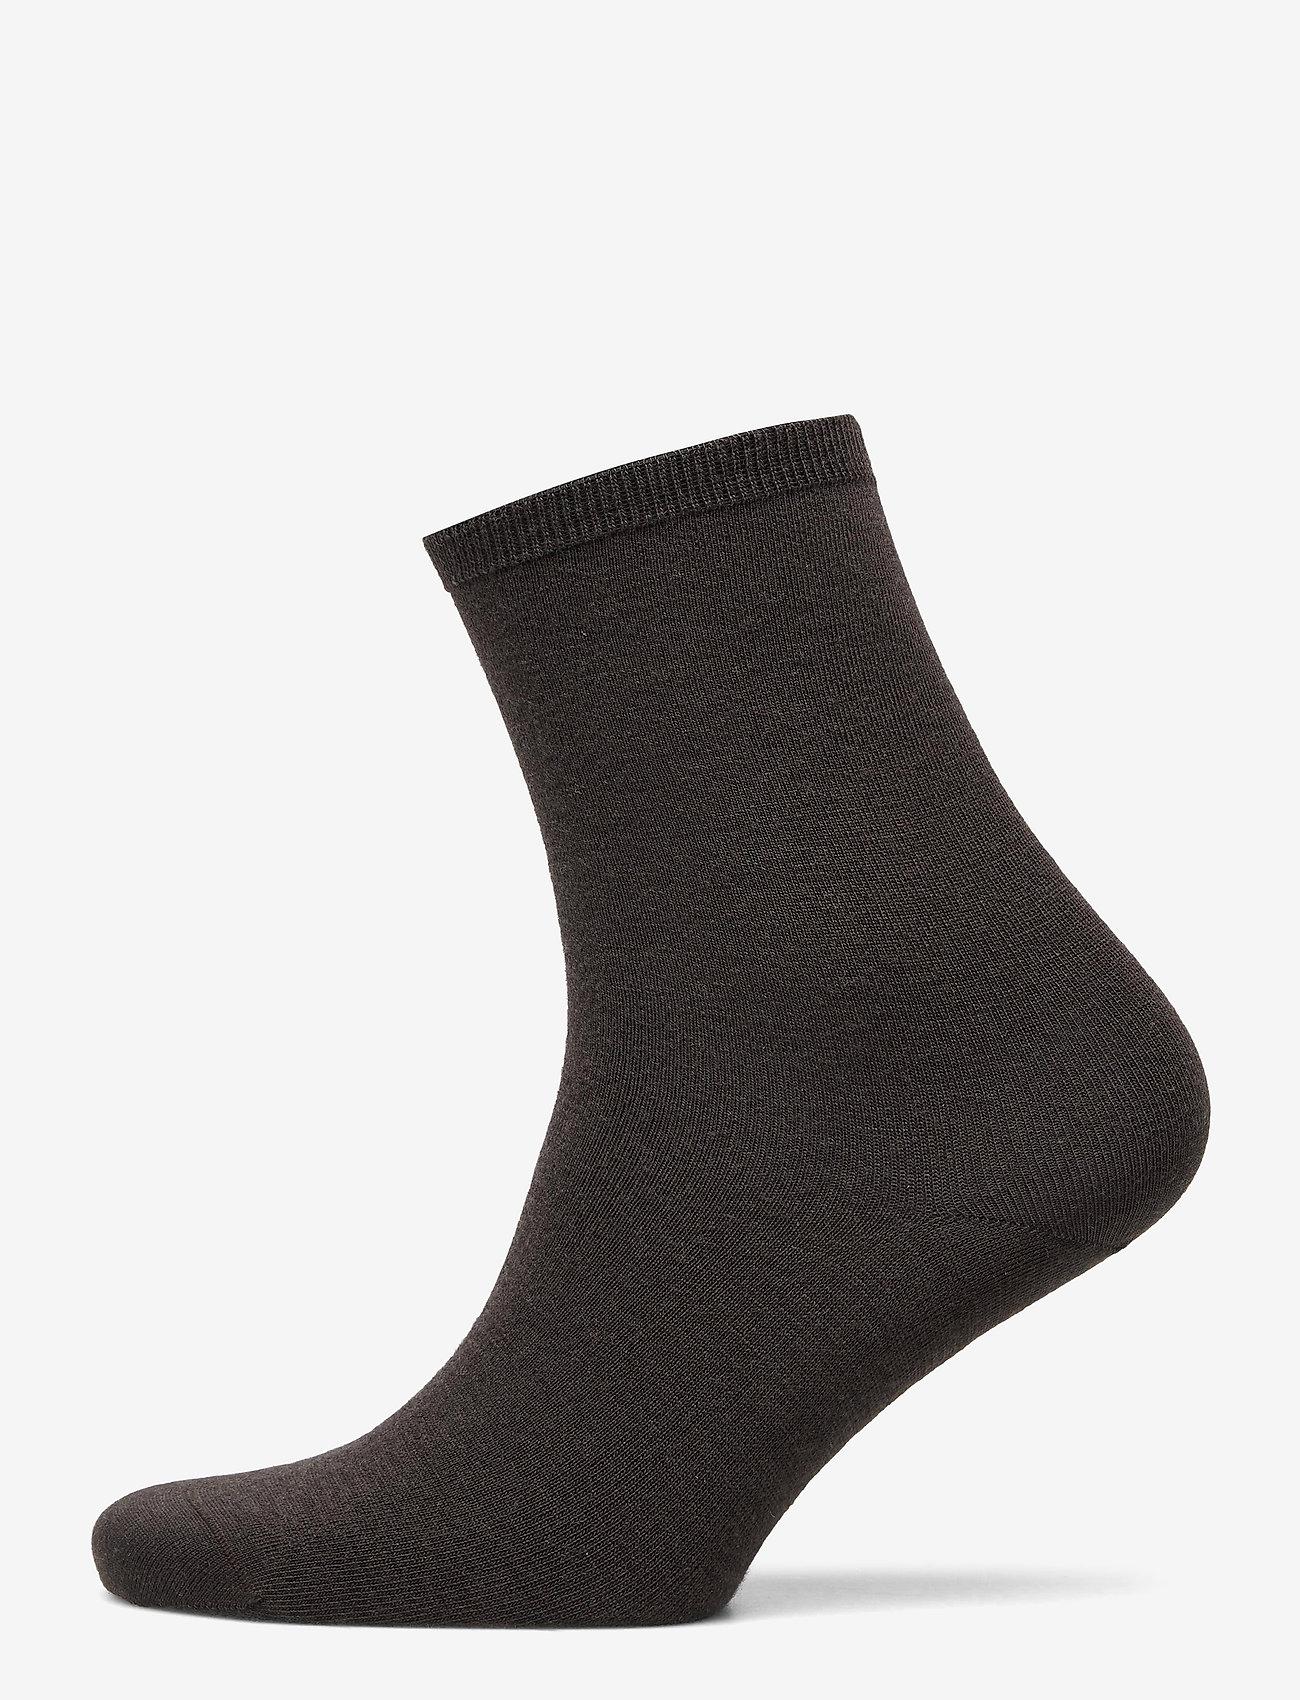 Vogue - Ladies anklesock, Merino Wool Sock - sokken - truffle - 0